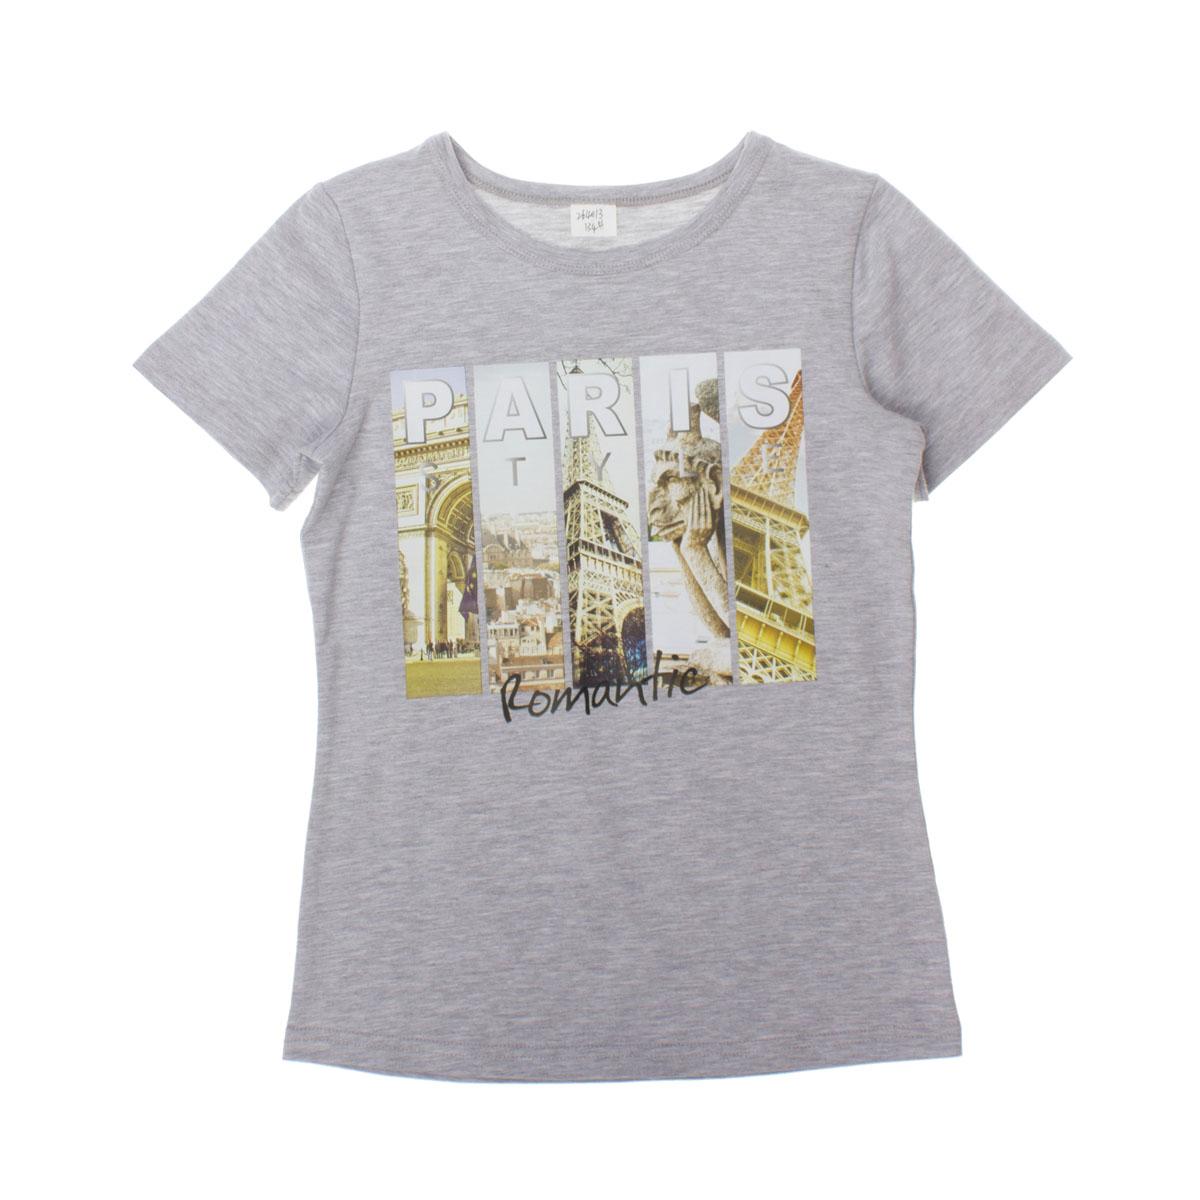 Футболка для девочек. 264013264013Стильная хлопковая футболка цвета серый меланж.Украшена резиновым фотопринтом с видами Парижа.